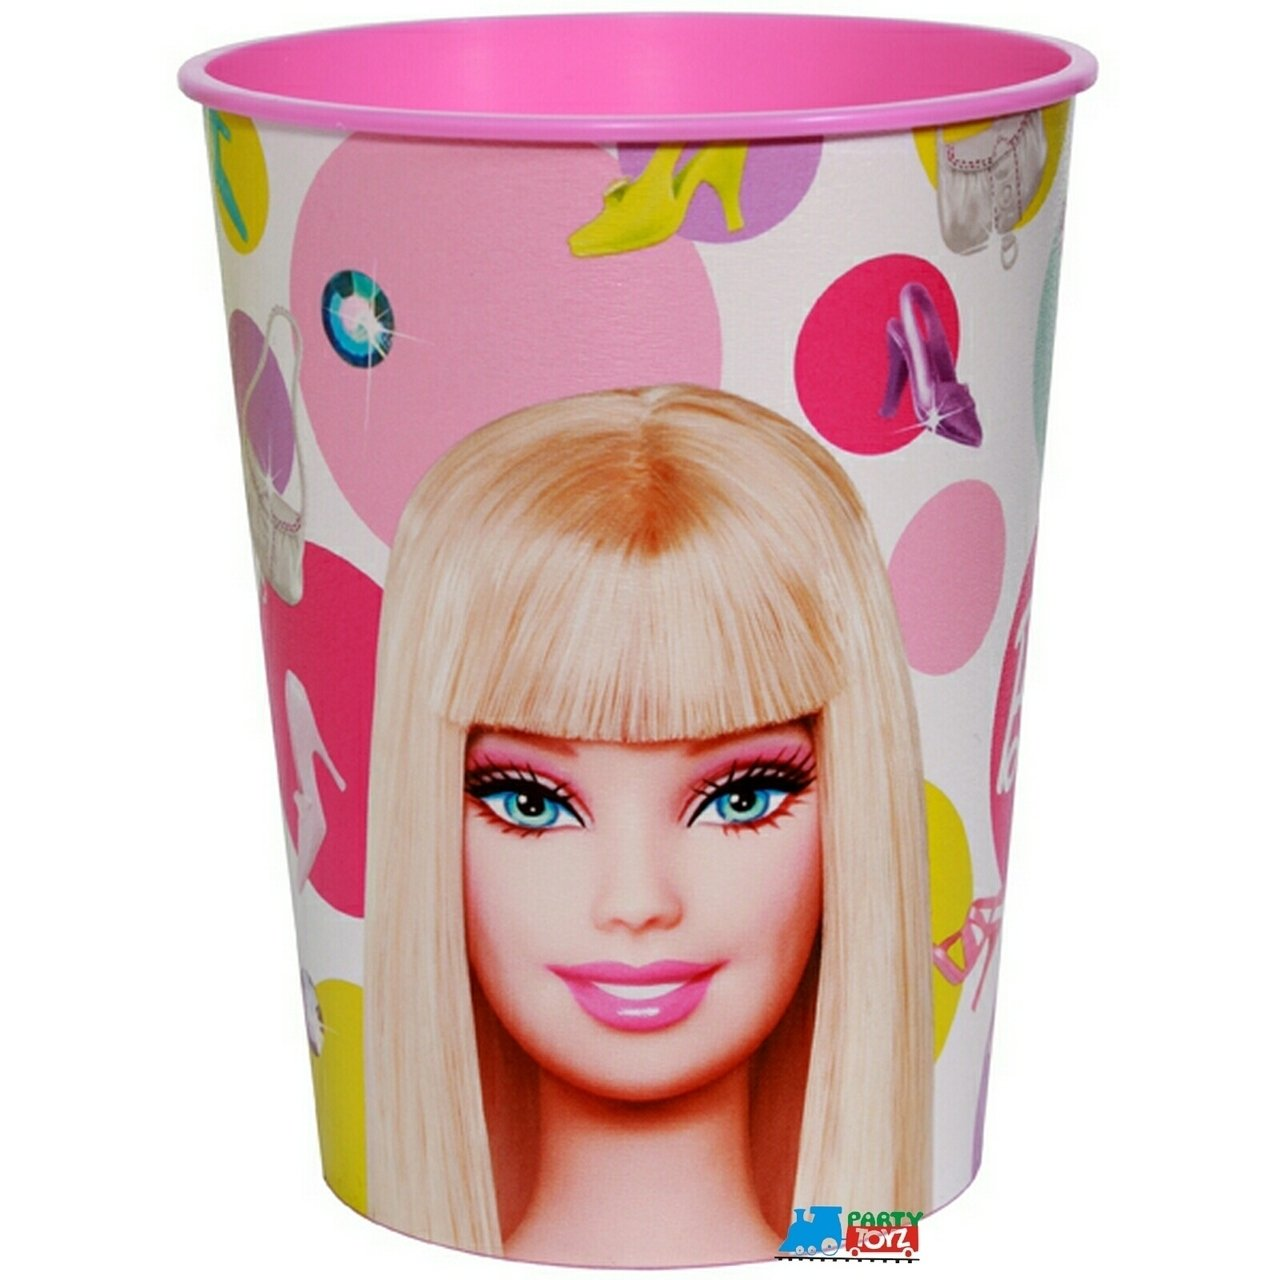 【Barbie】バービー 16oz パーティーカップ(容量:473ml 16oz)   B00CU3H8GE